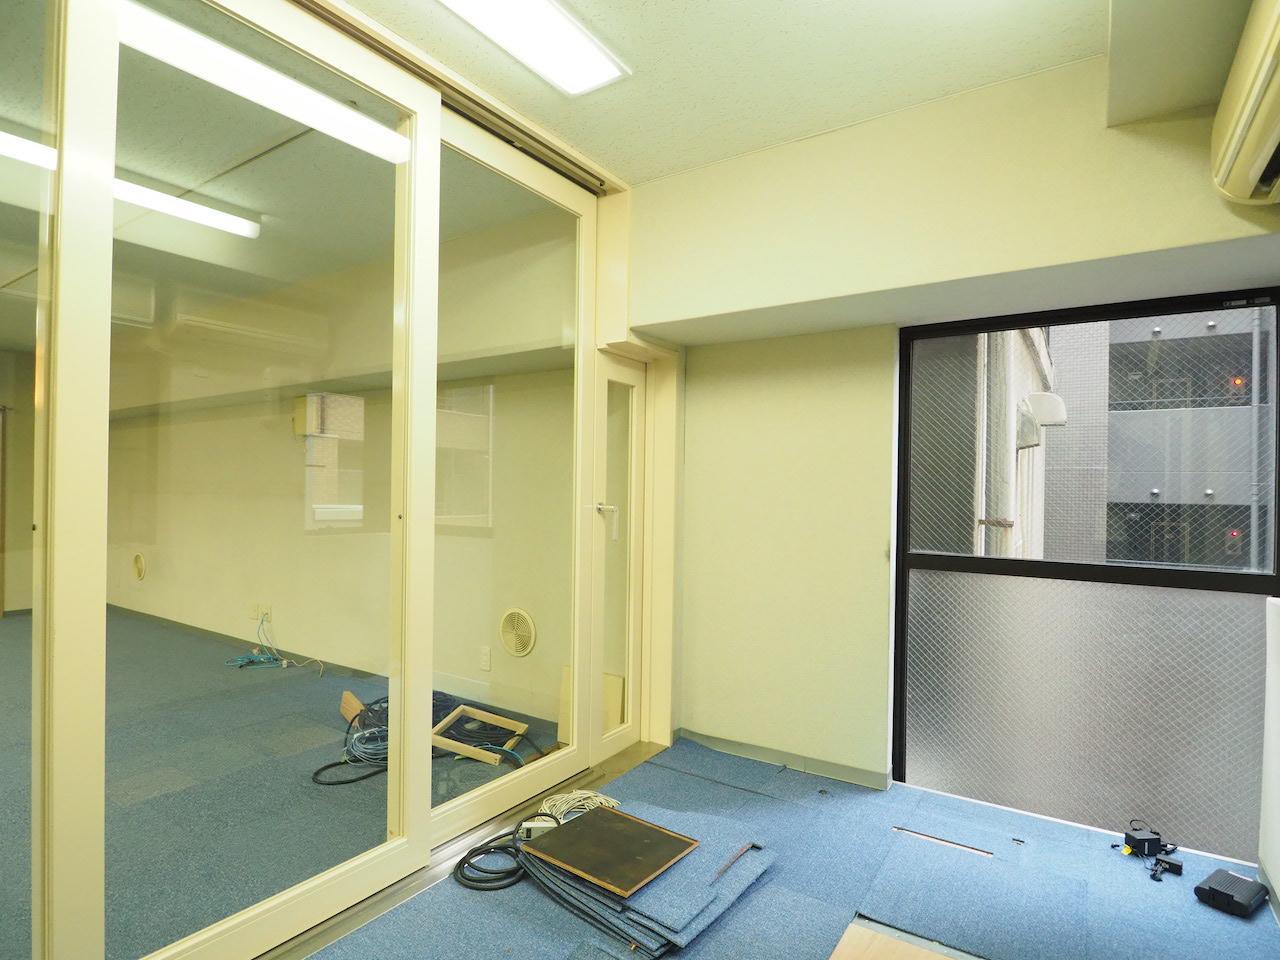 ここはマシンルームで。空調も完備されています。